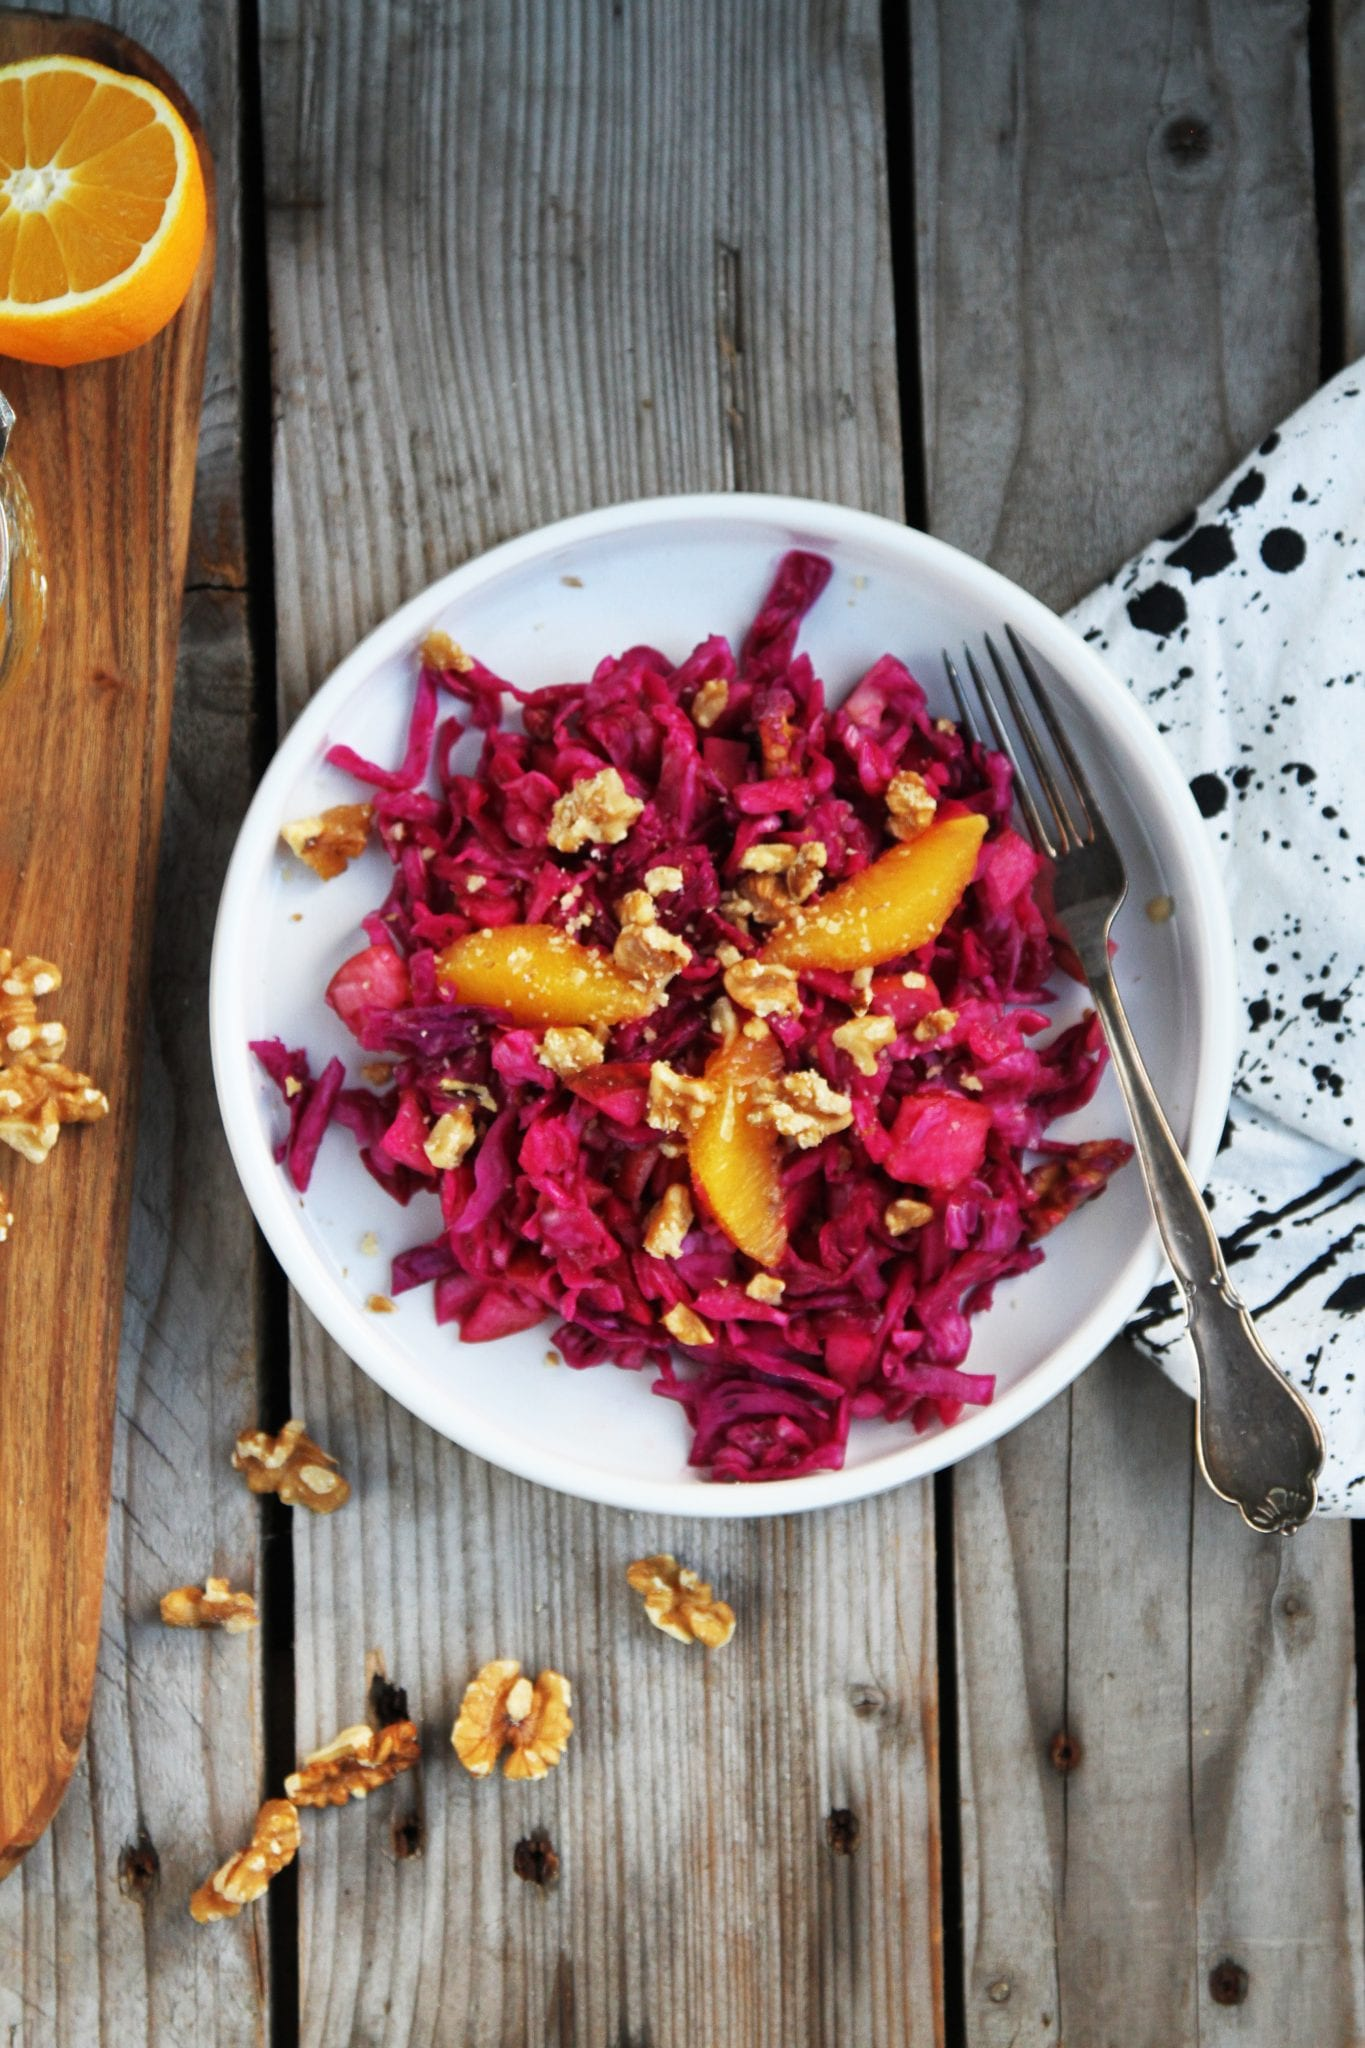 salat rødkål spidskål Rødkålssalat med appelsin, mango og æble